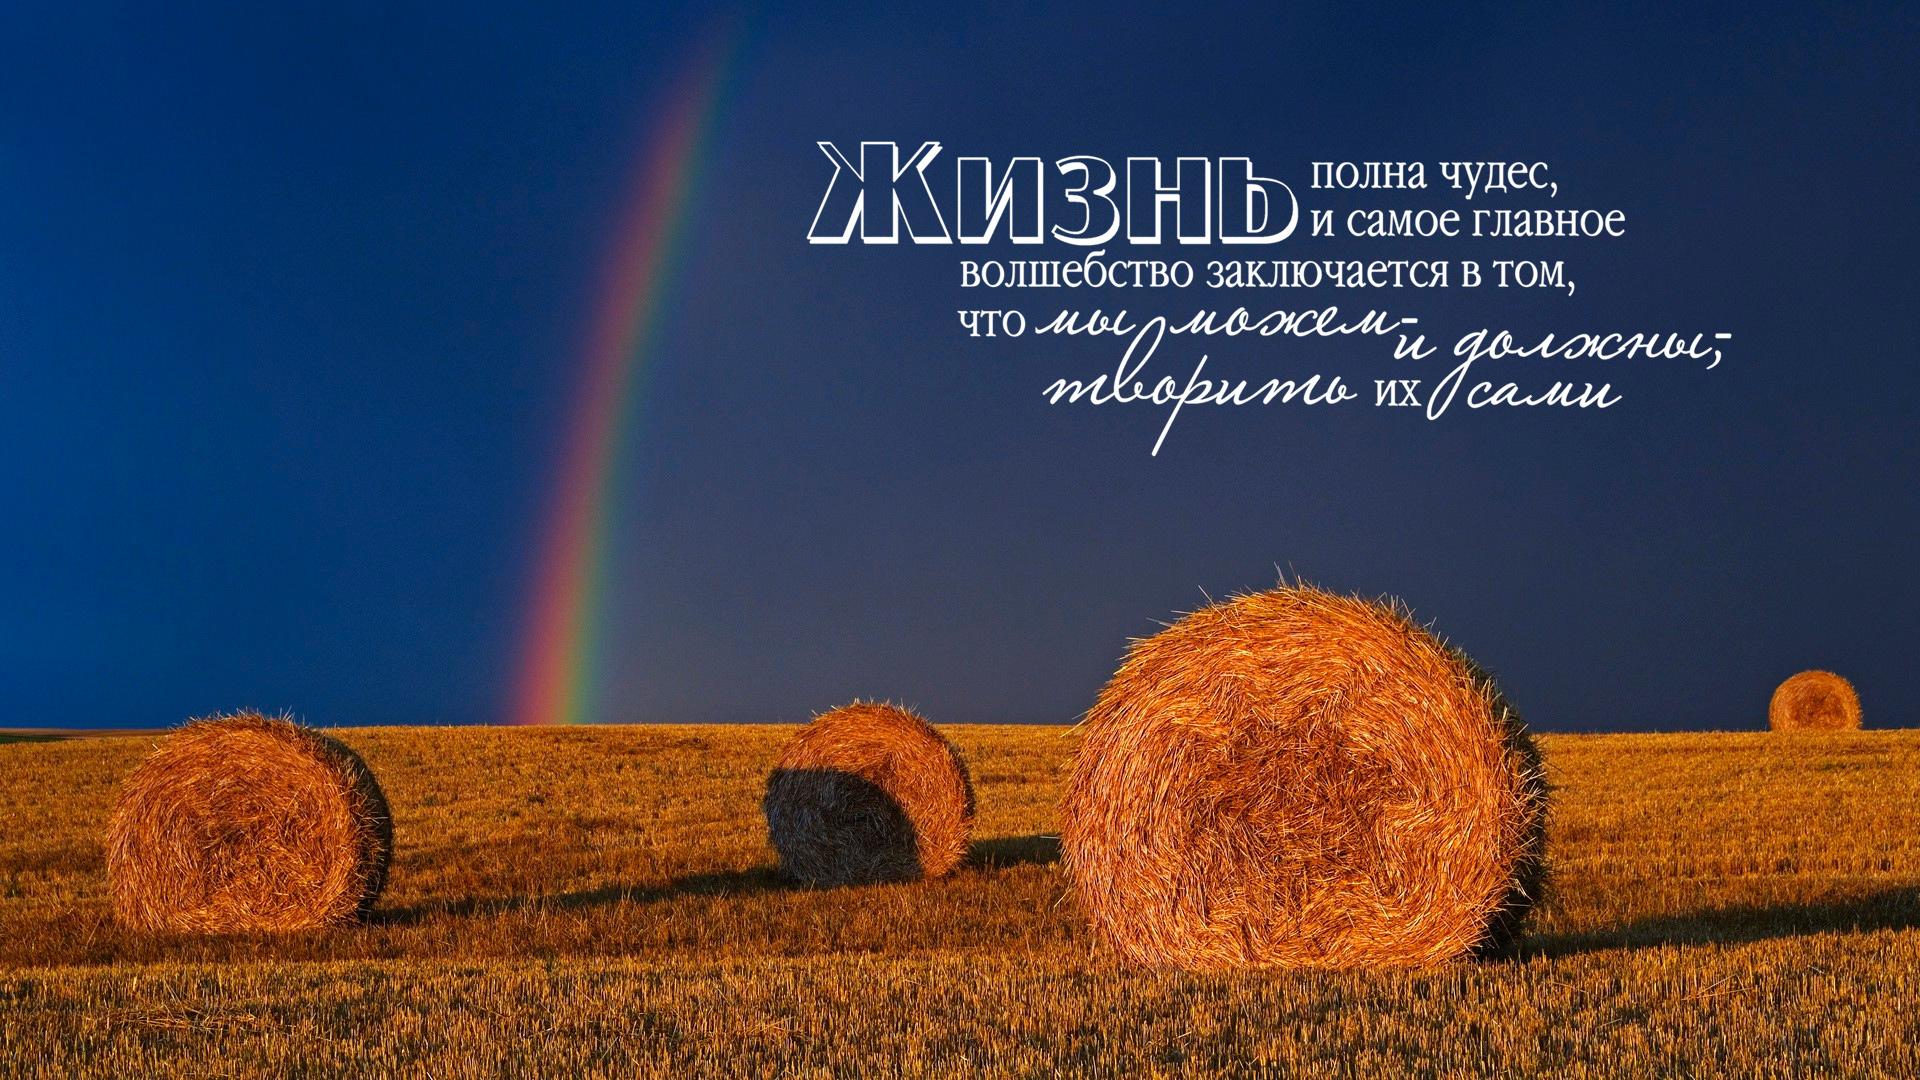 стог сена и радуга. жизнь полна чудес